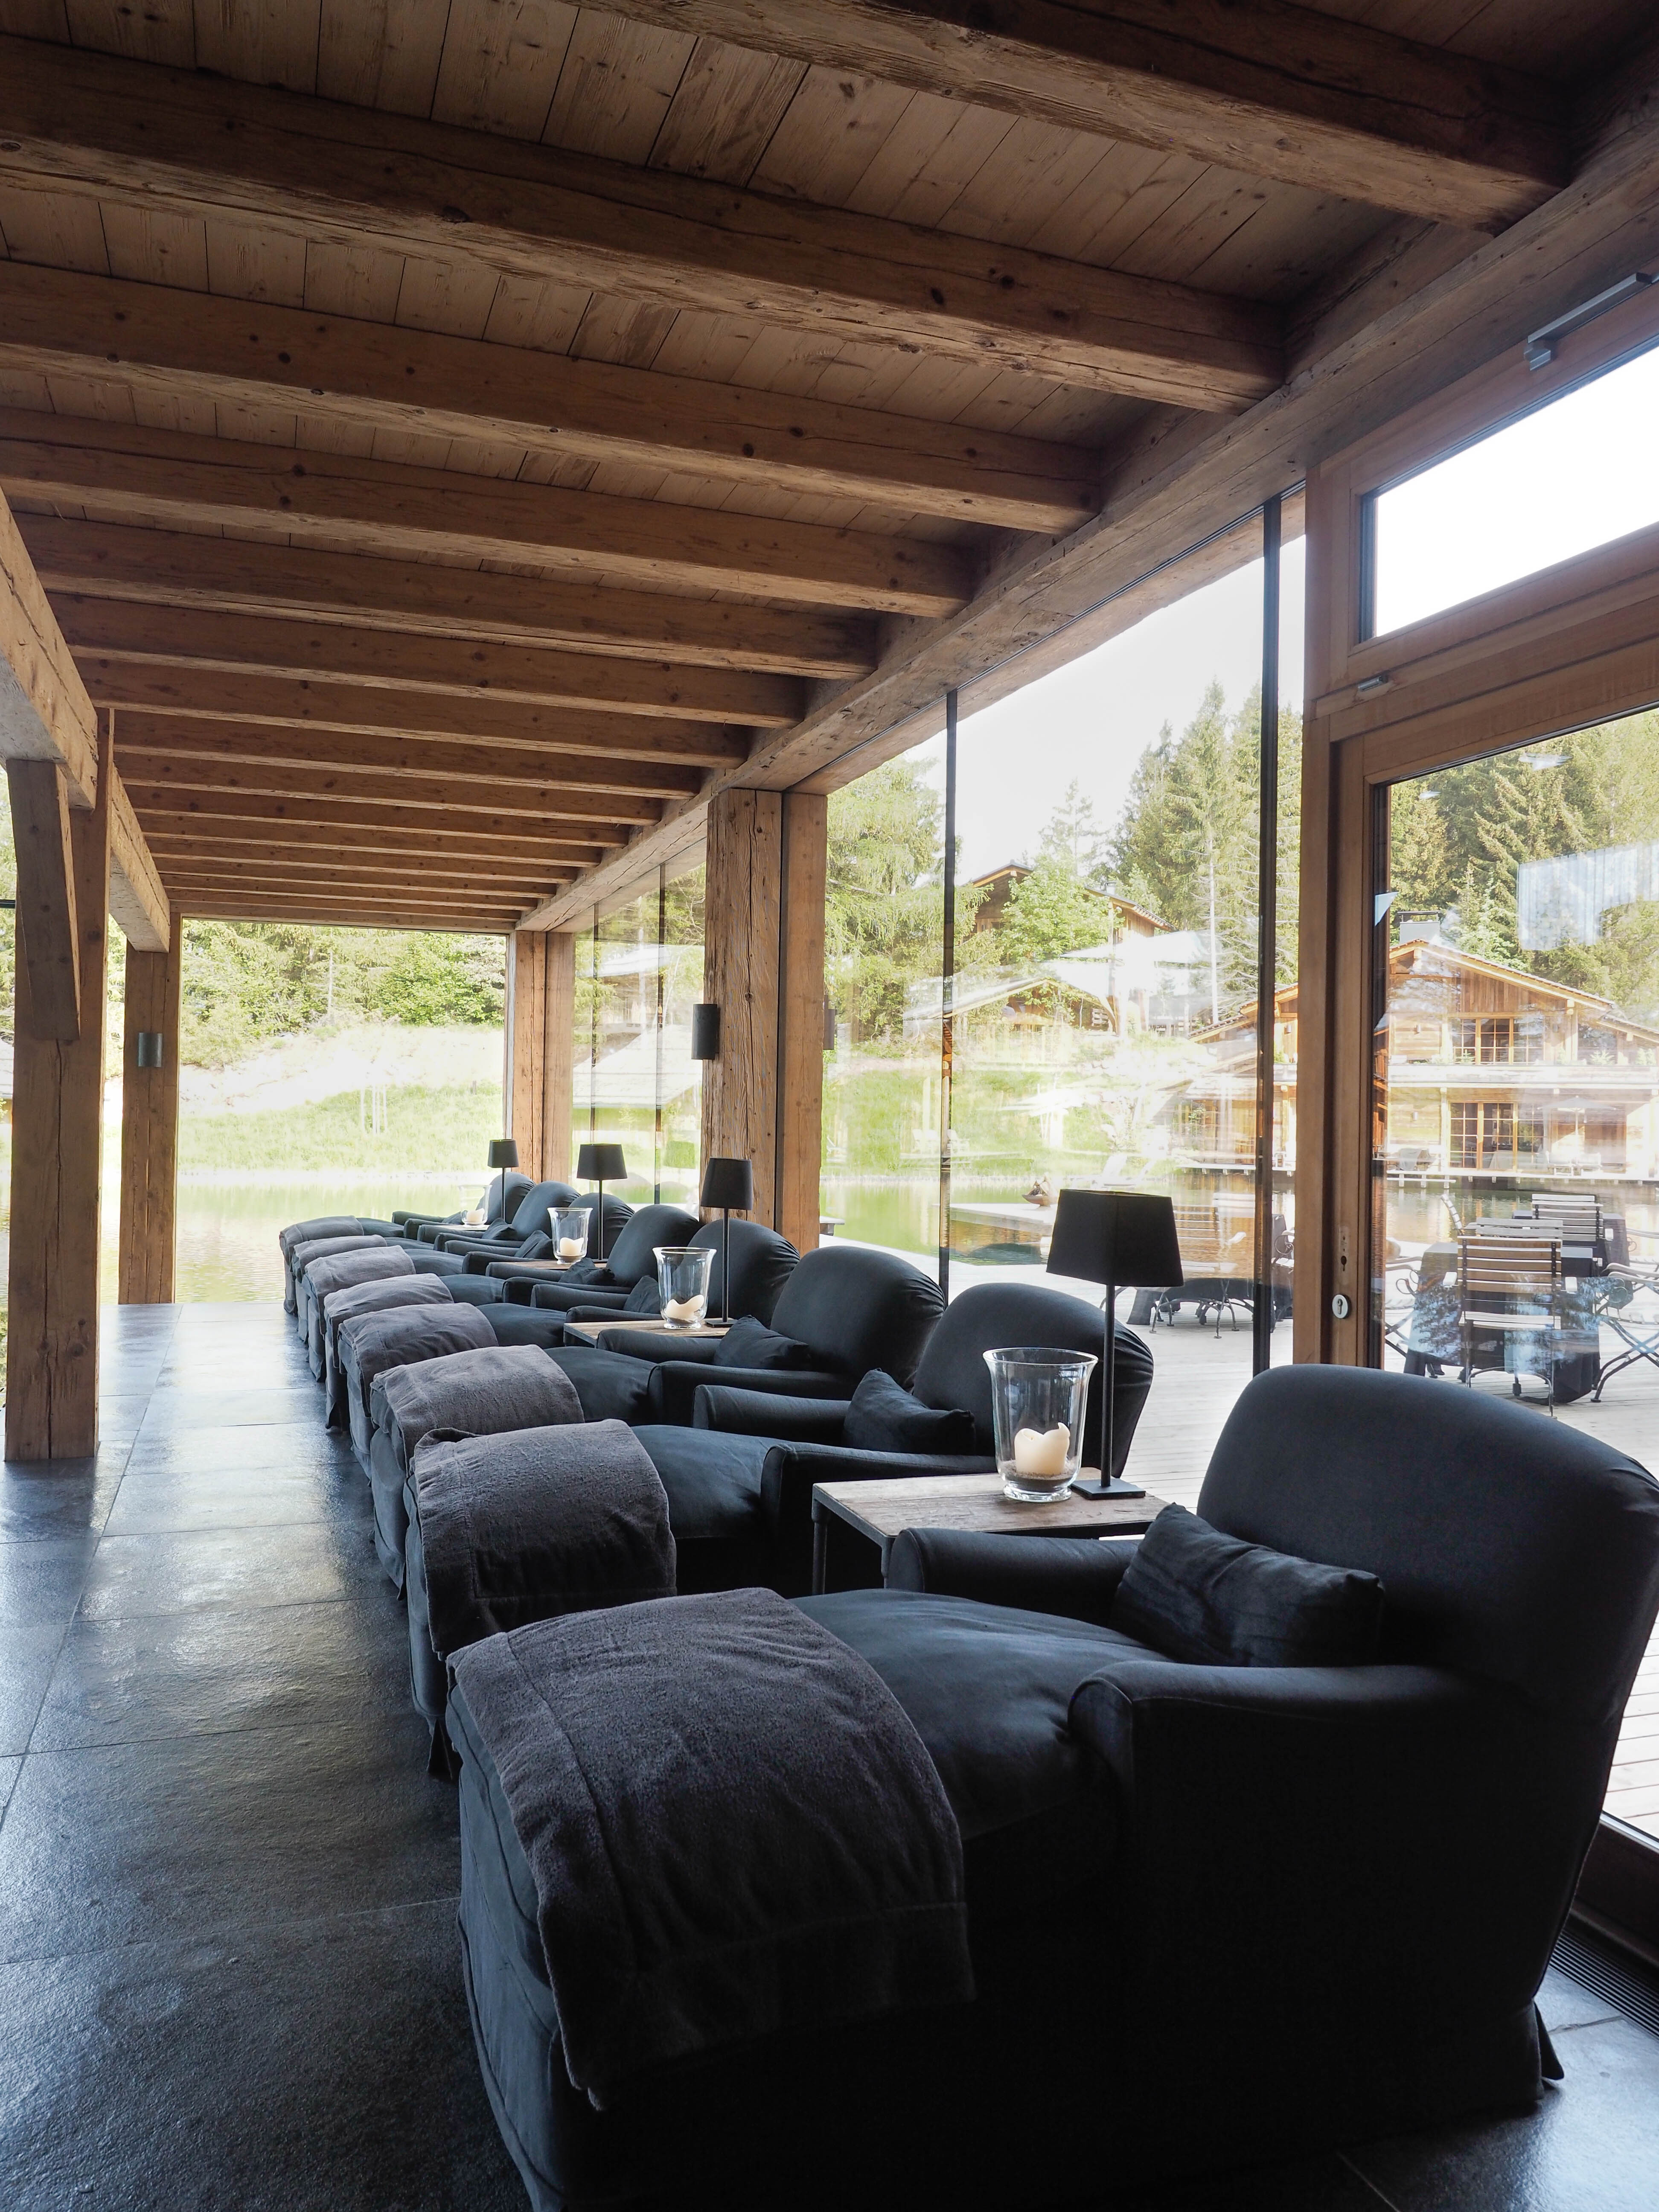 San Luis Lodges Meran Südtirol Urlaub in den Bergen Luxus Hideaway